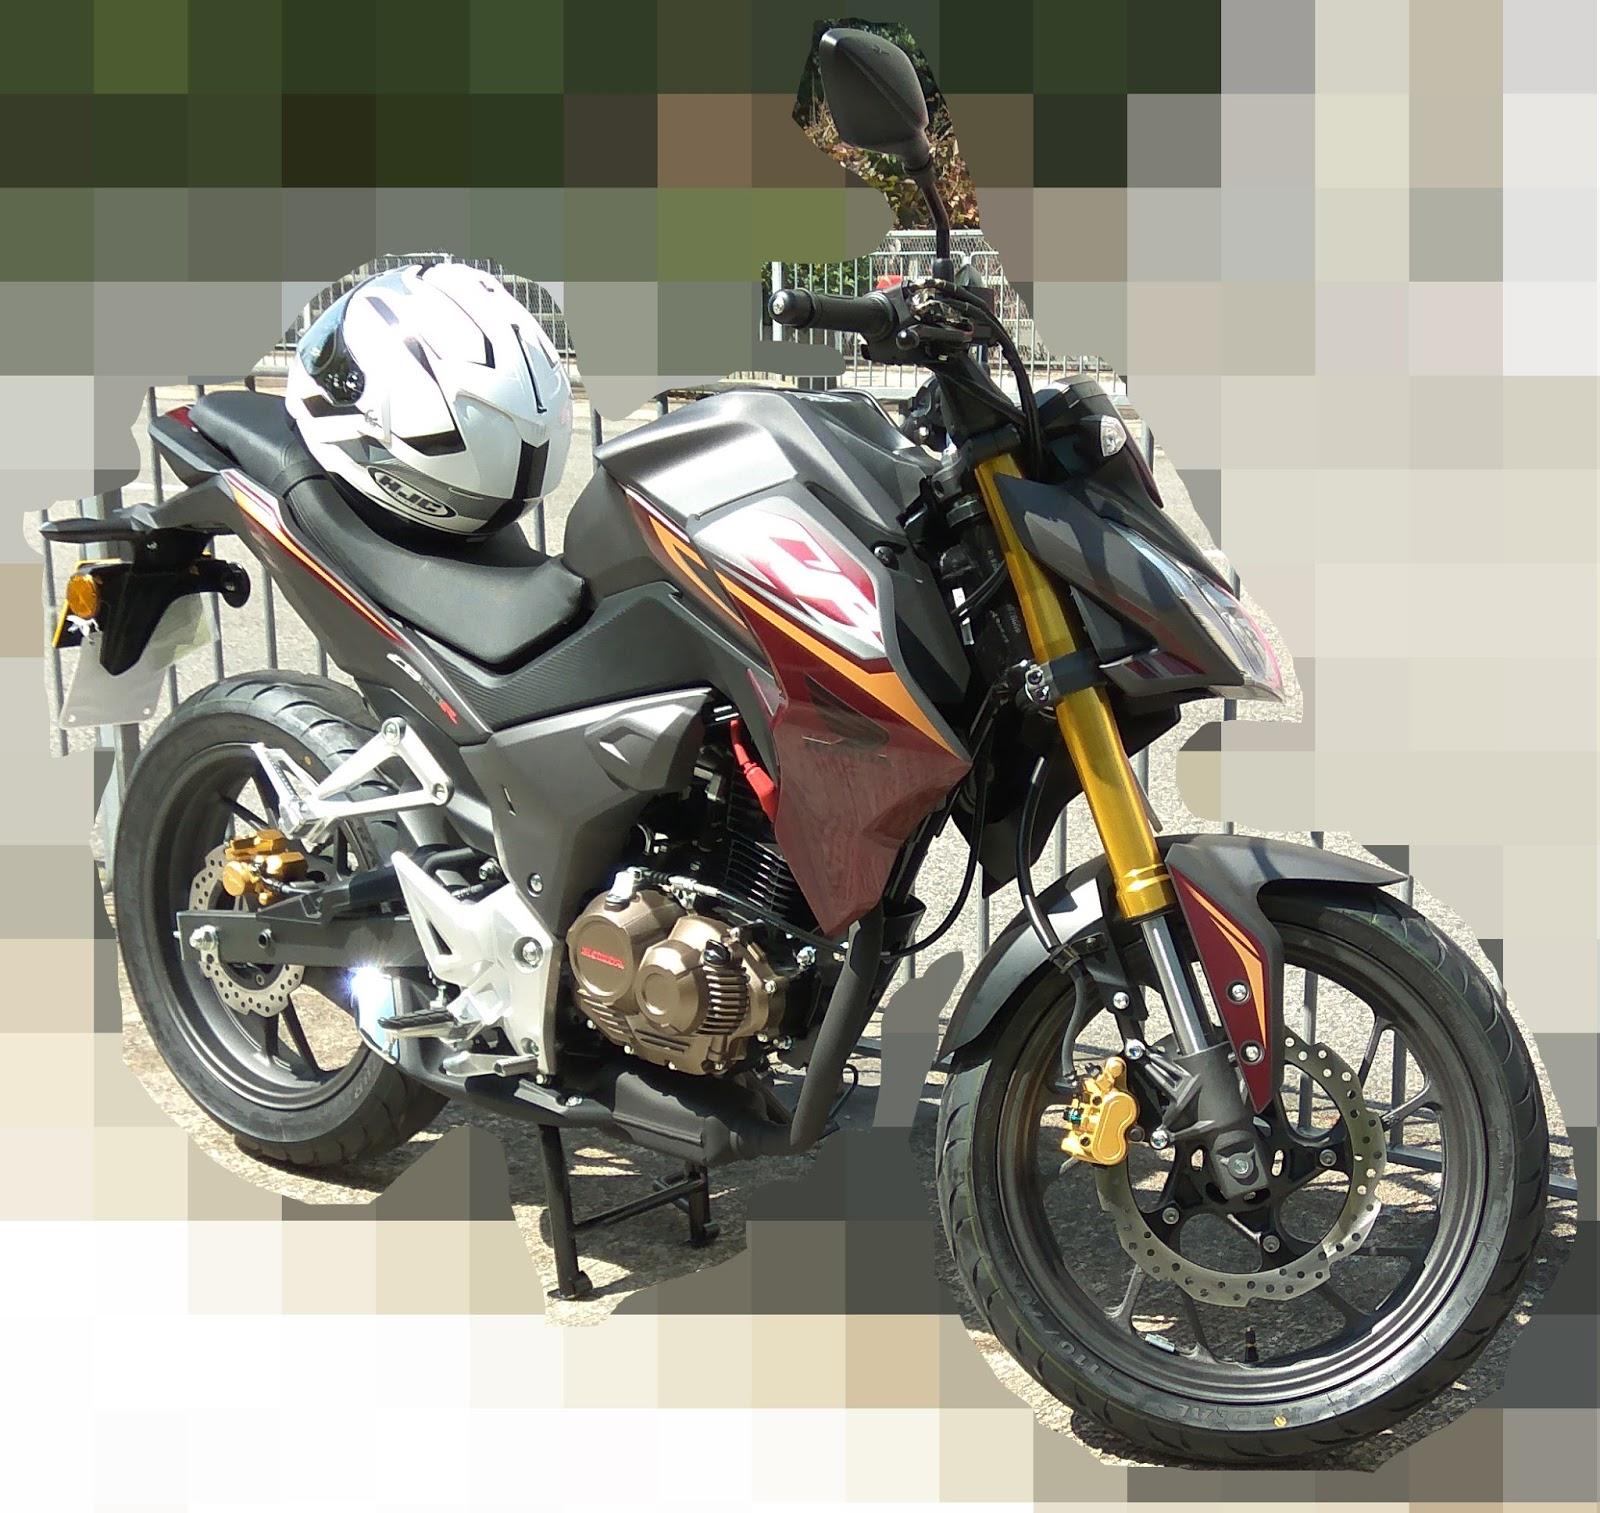 電單車 摩托車 機車 - 香港 Motorcycling Life in Hong Kong: 收到電單車啦 ... Honda 本田 CB190R